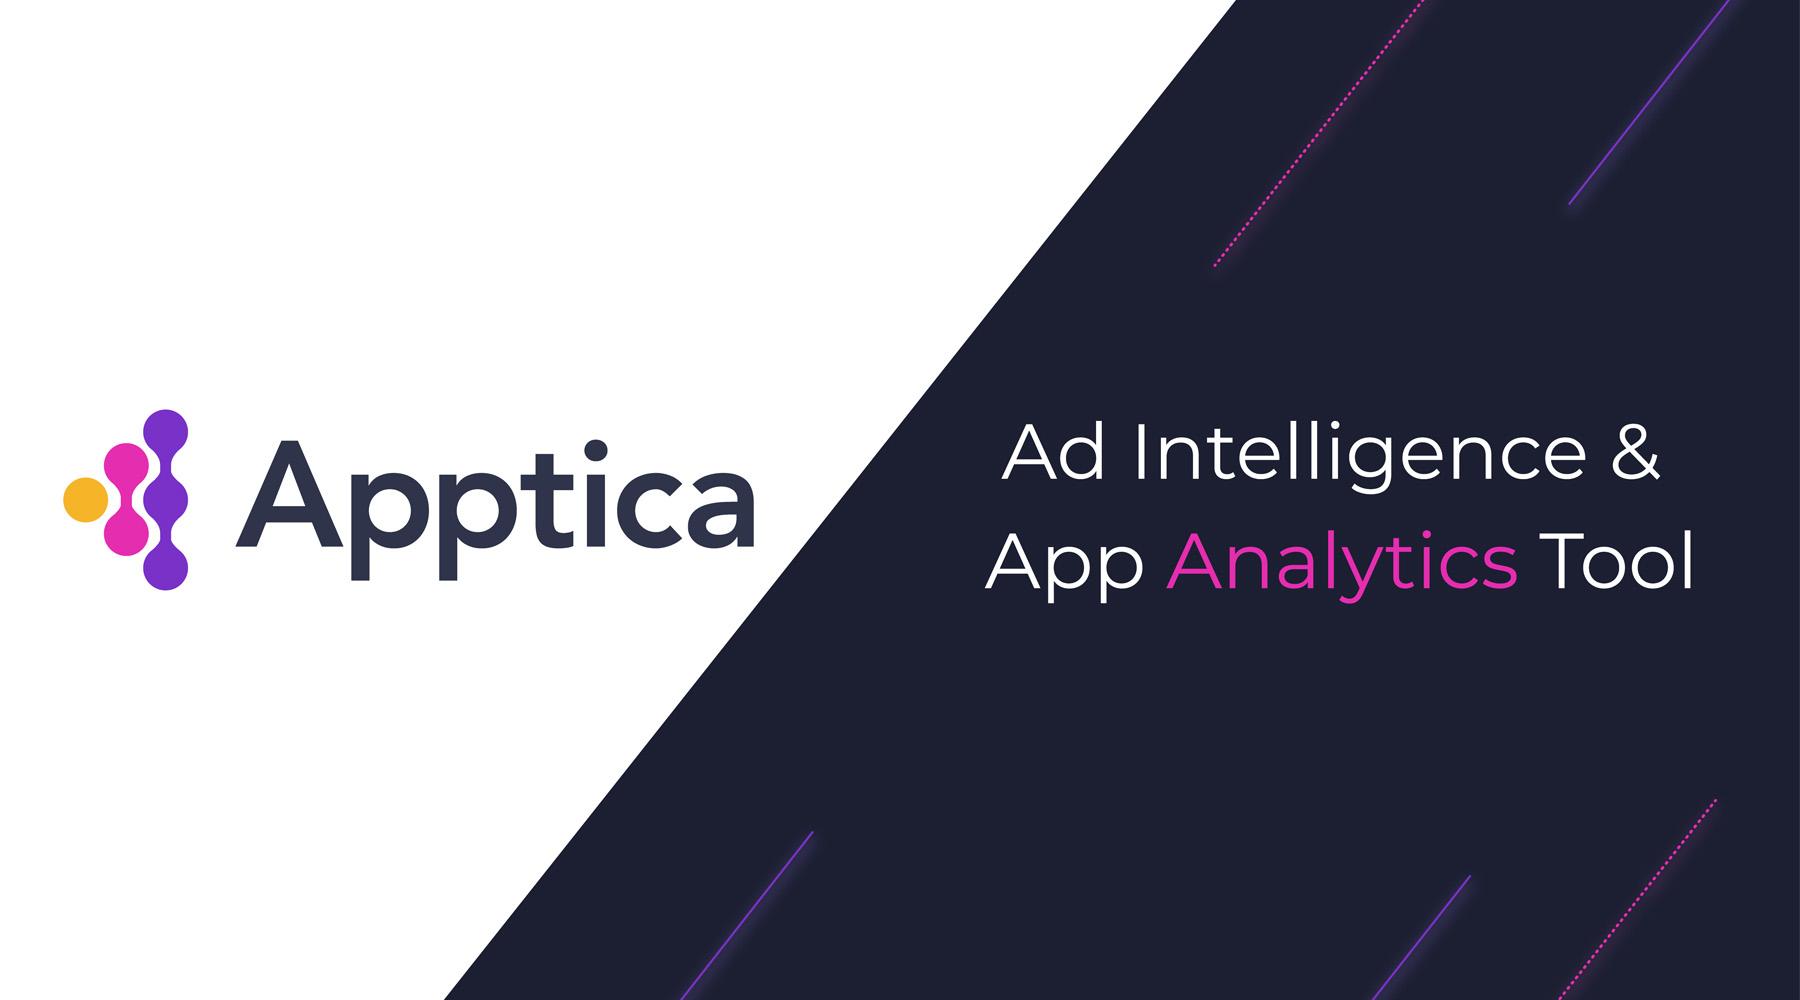 Top Charts - Apptica